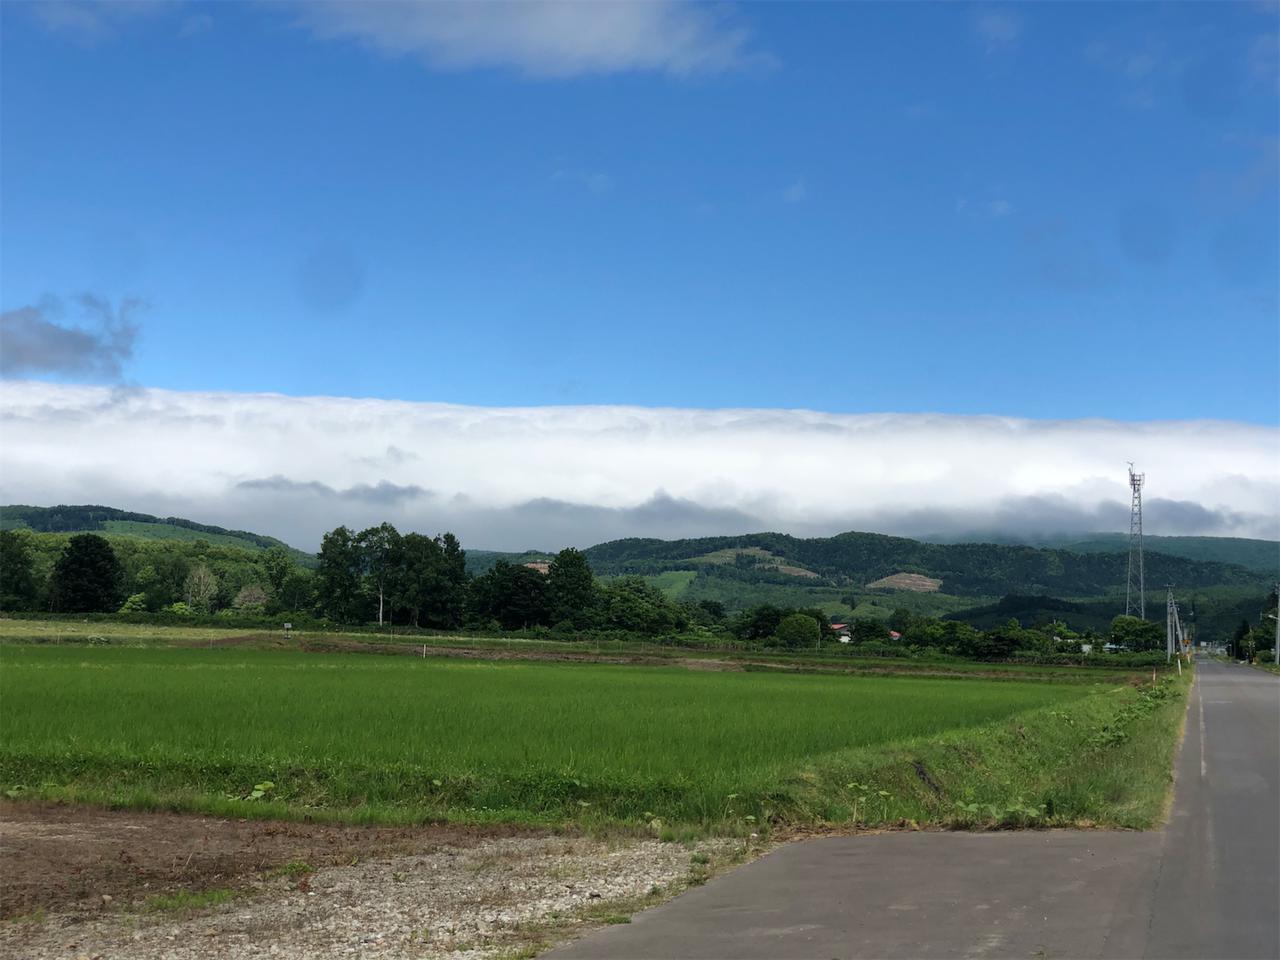 画像1: そして翌朝。晴れはしたが、山は曇天なので引きこもって作業